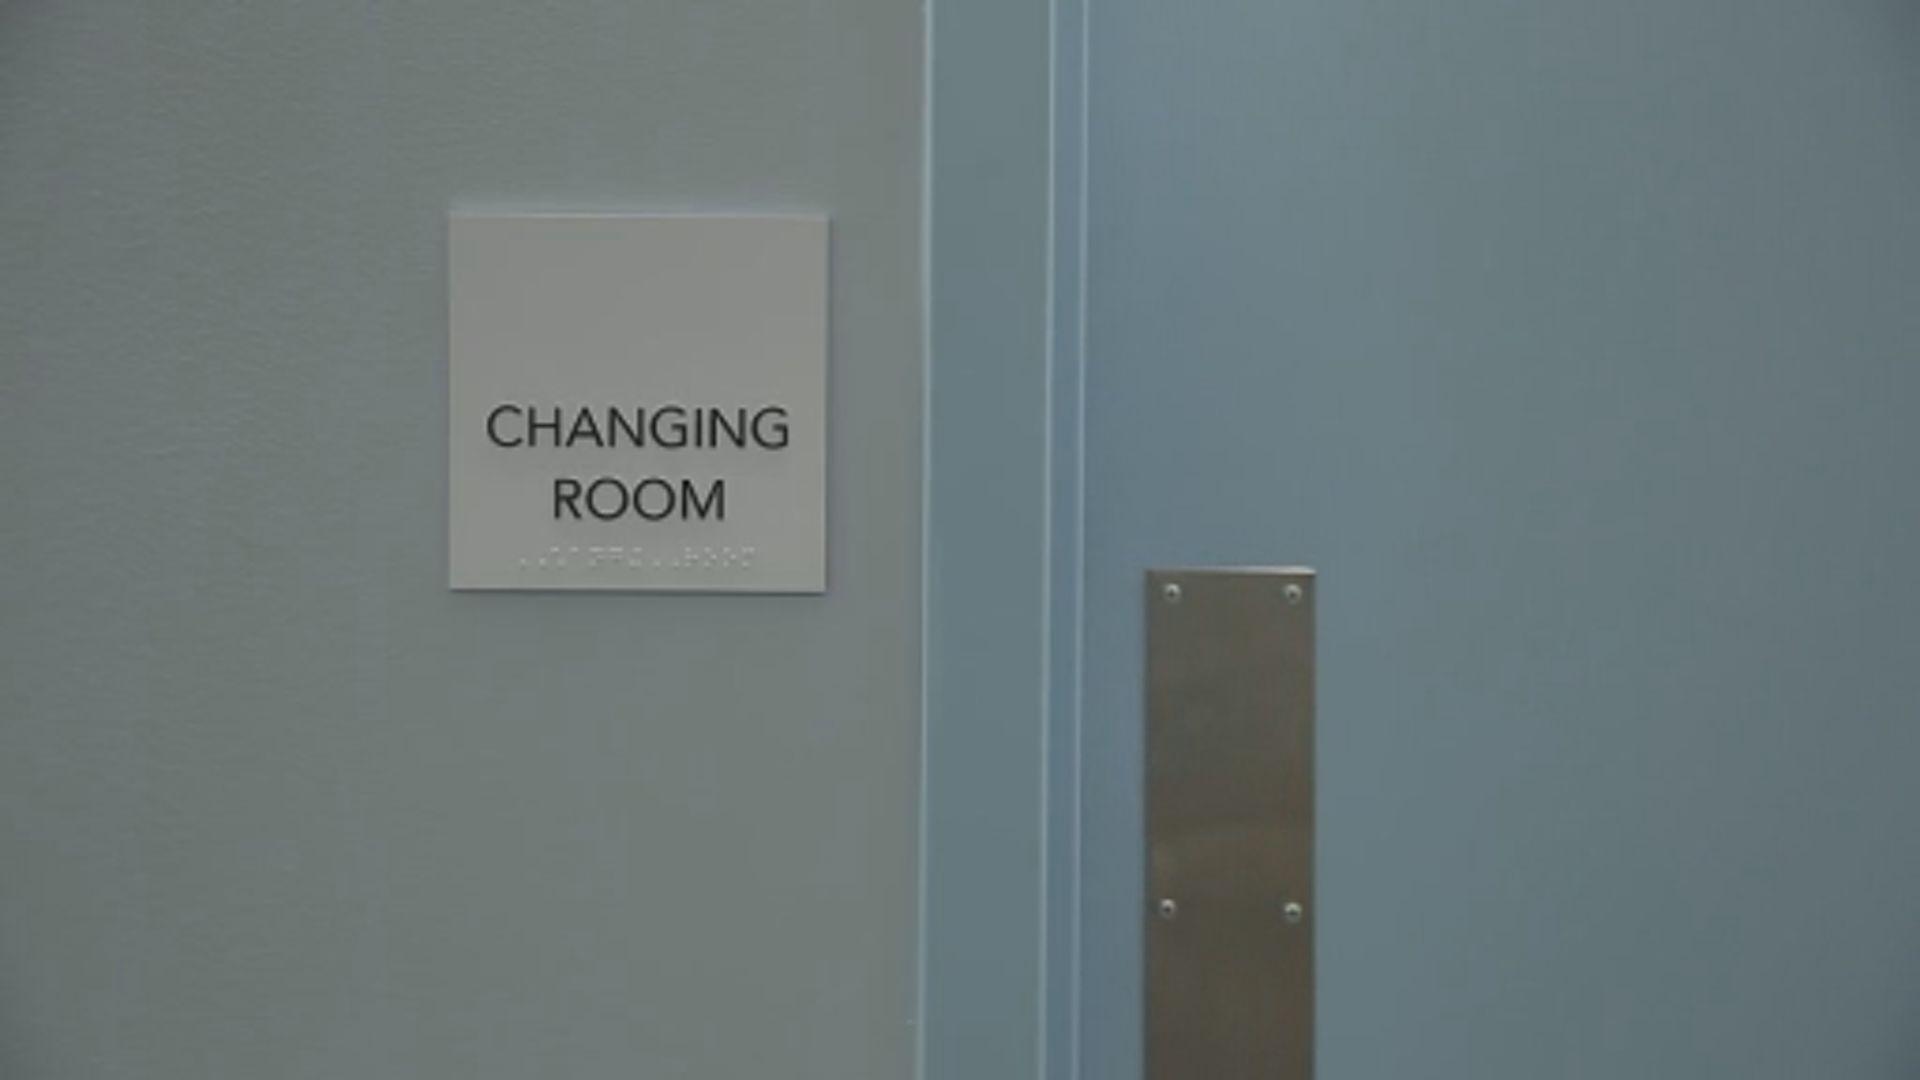 【環球薈報】加州大學柏克萊分校設中性更衣室